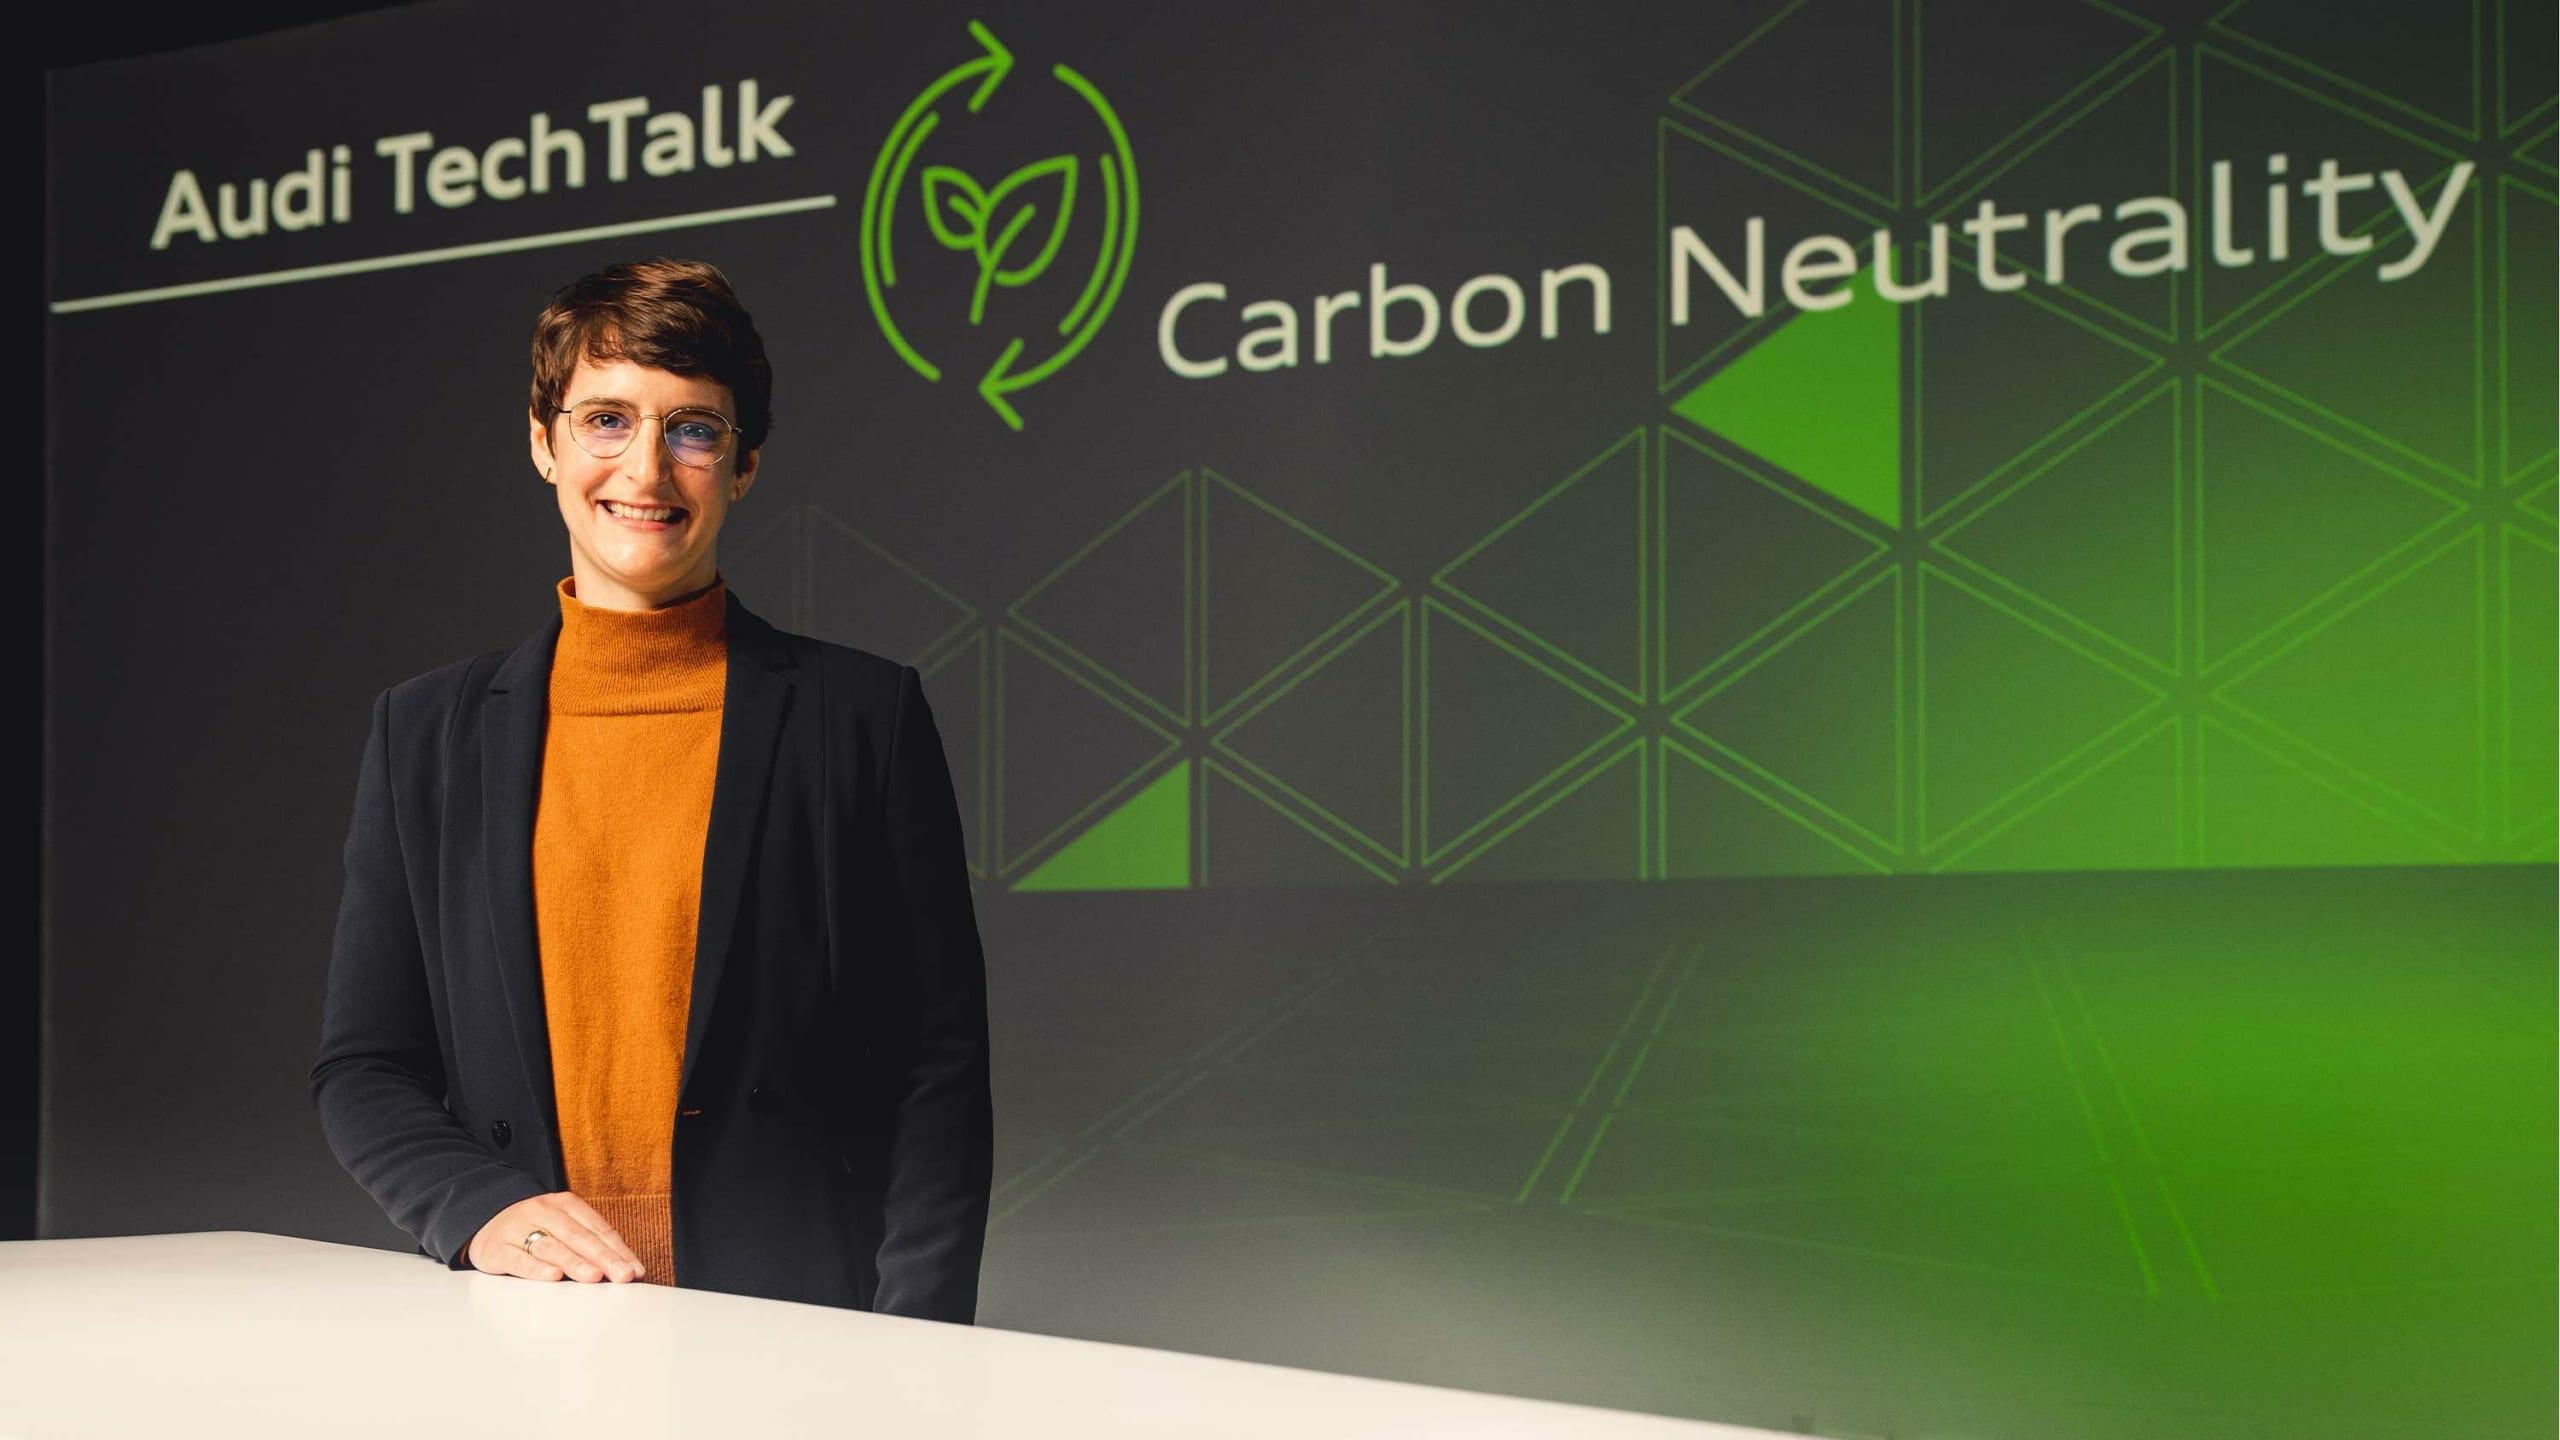 アウディが自社のカーボンニュートラル施策を説明〜Audi TechTalk「カーボンニュートラリティ」参加レポート | EVsmartブログ